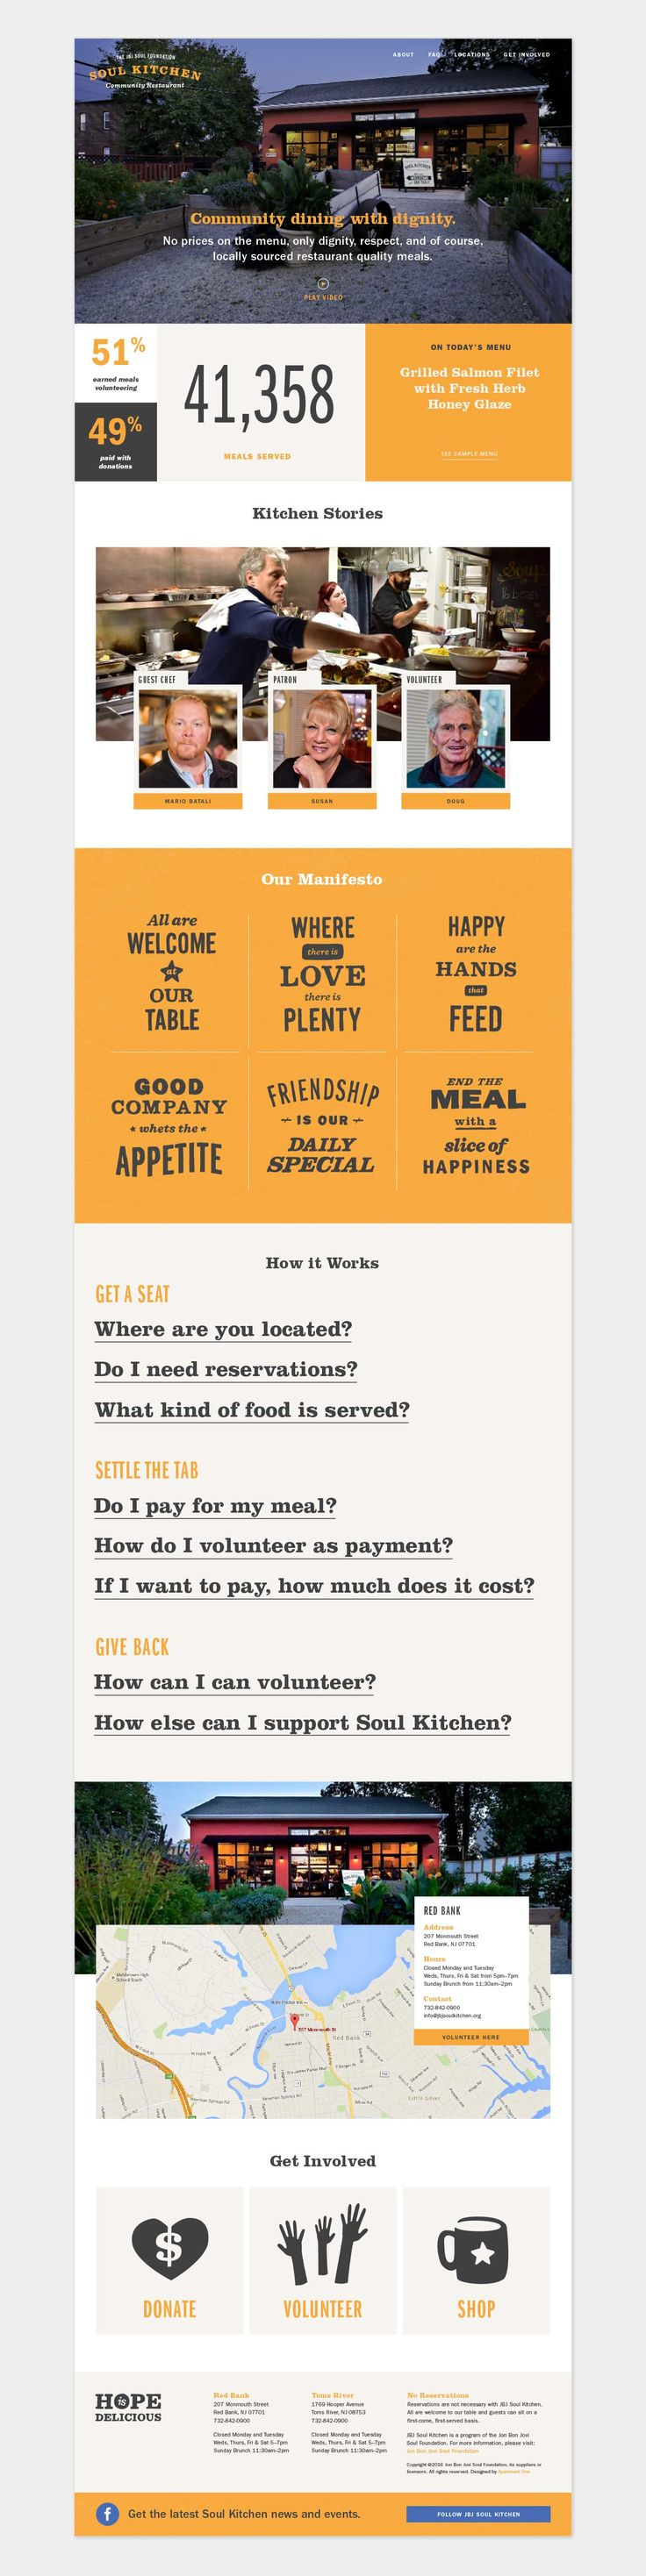 11 best JBJ Soul Kitchen images on Pinterest | Diners, Dining sets ...